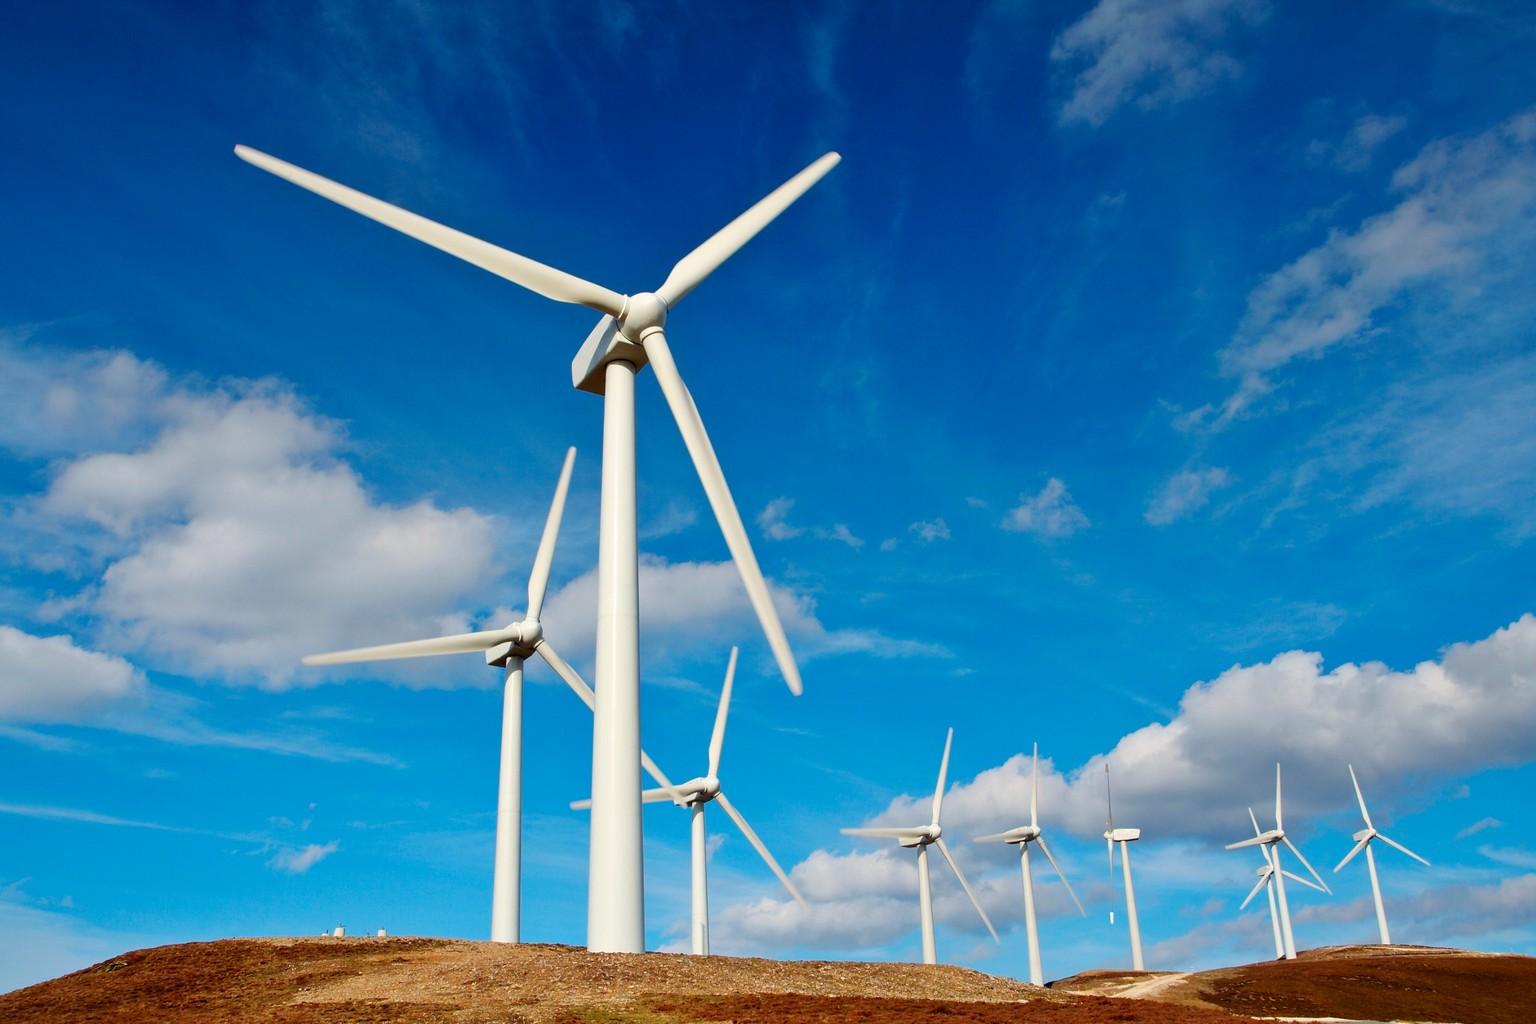 Faut-il avoir peur des éoliennes d'Engis?